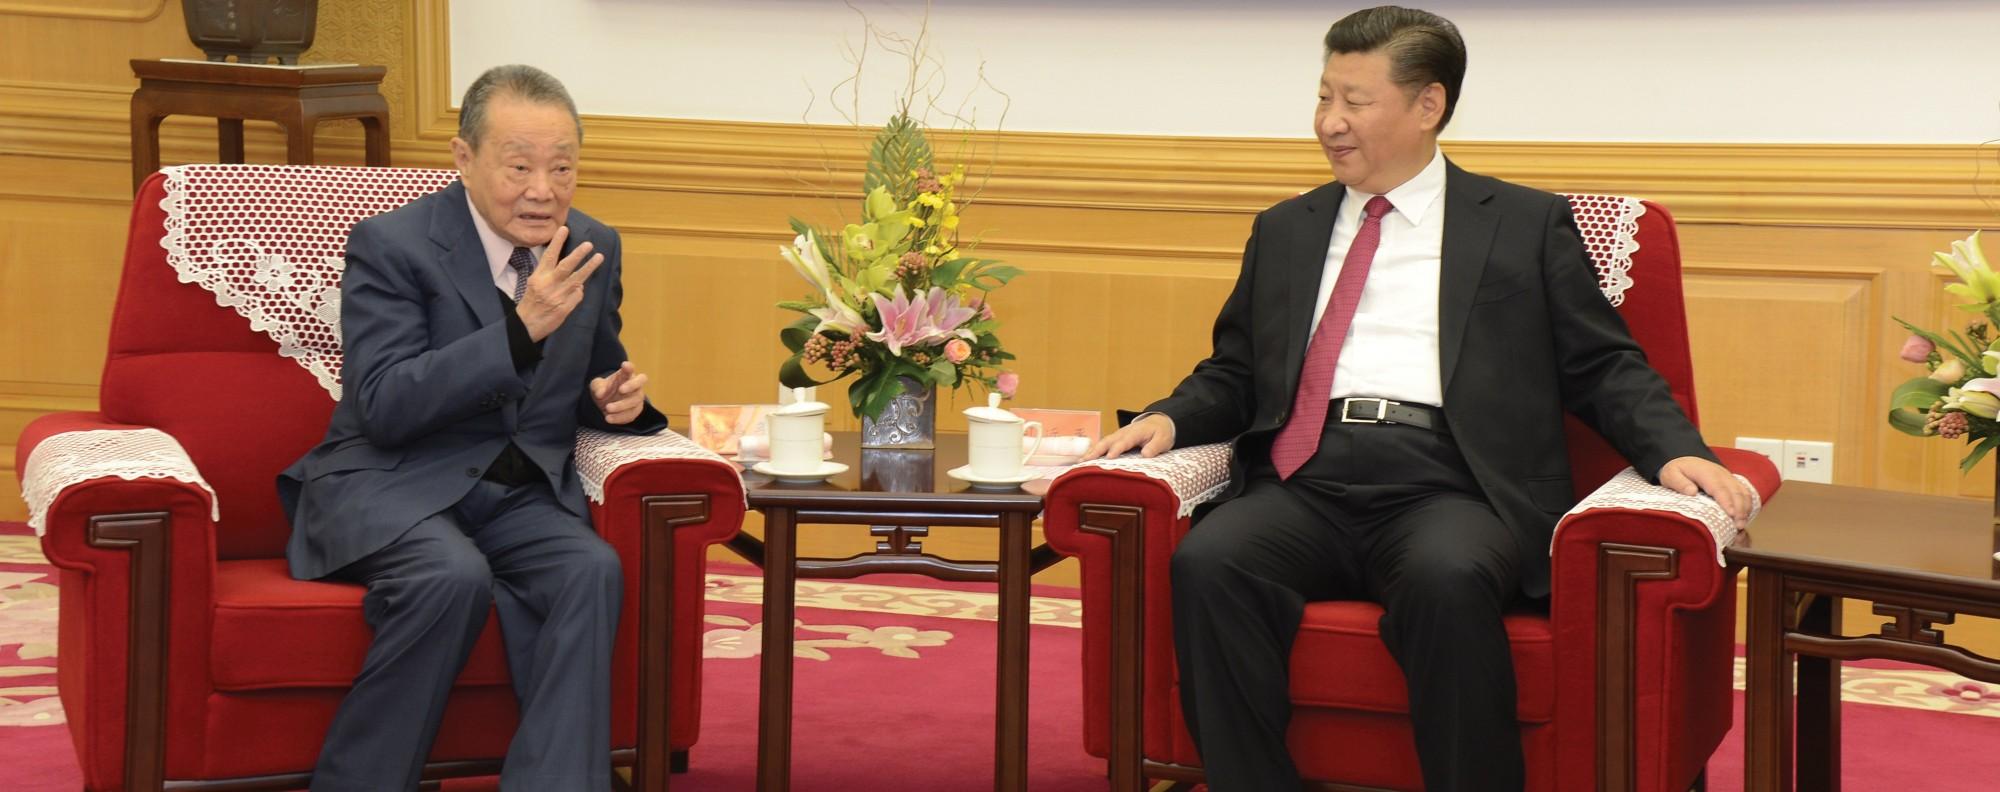 Robert Kuok and Xi Jinping. Photo: Robert Kuok, A Memoir